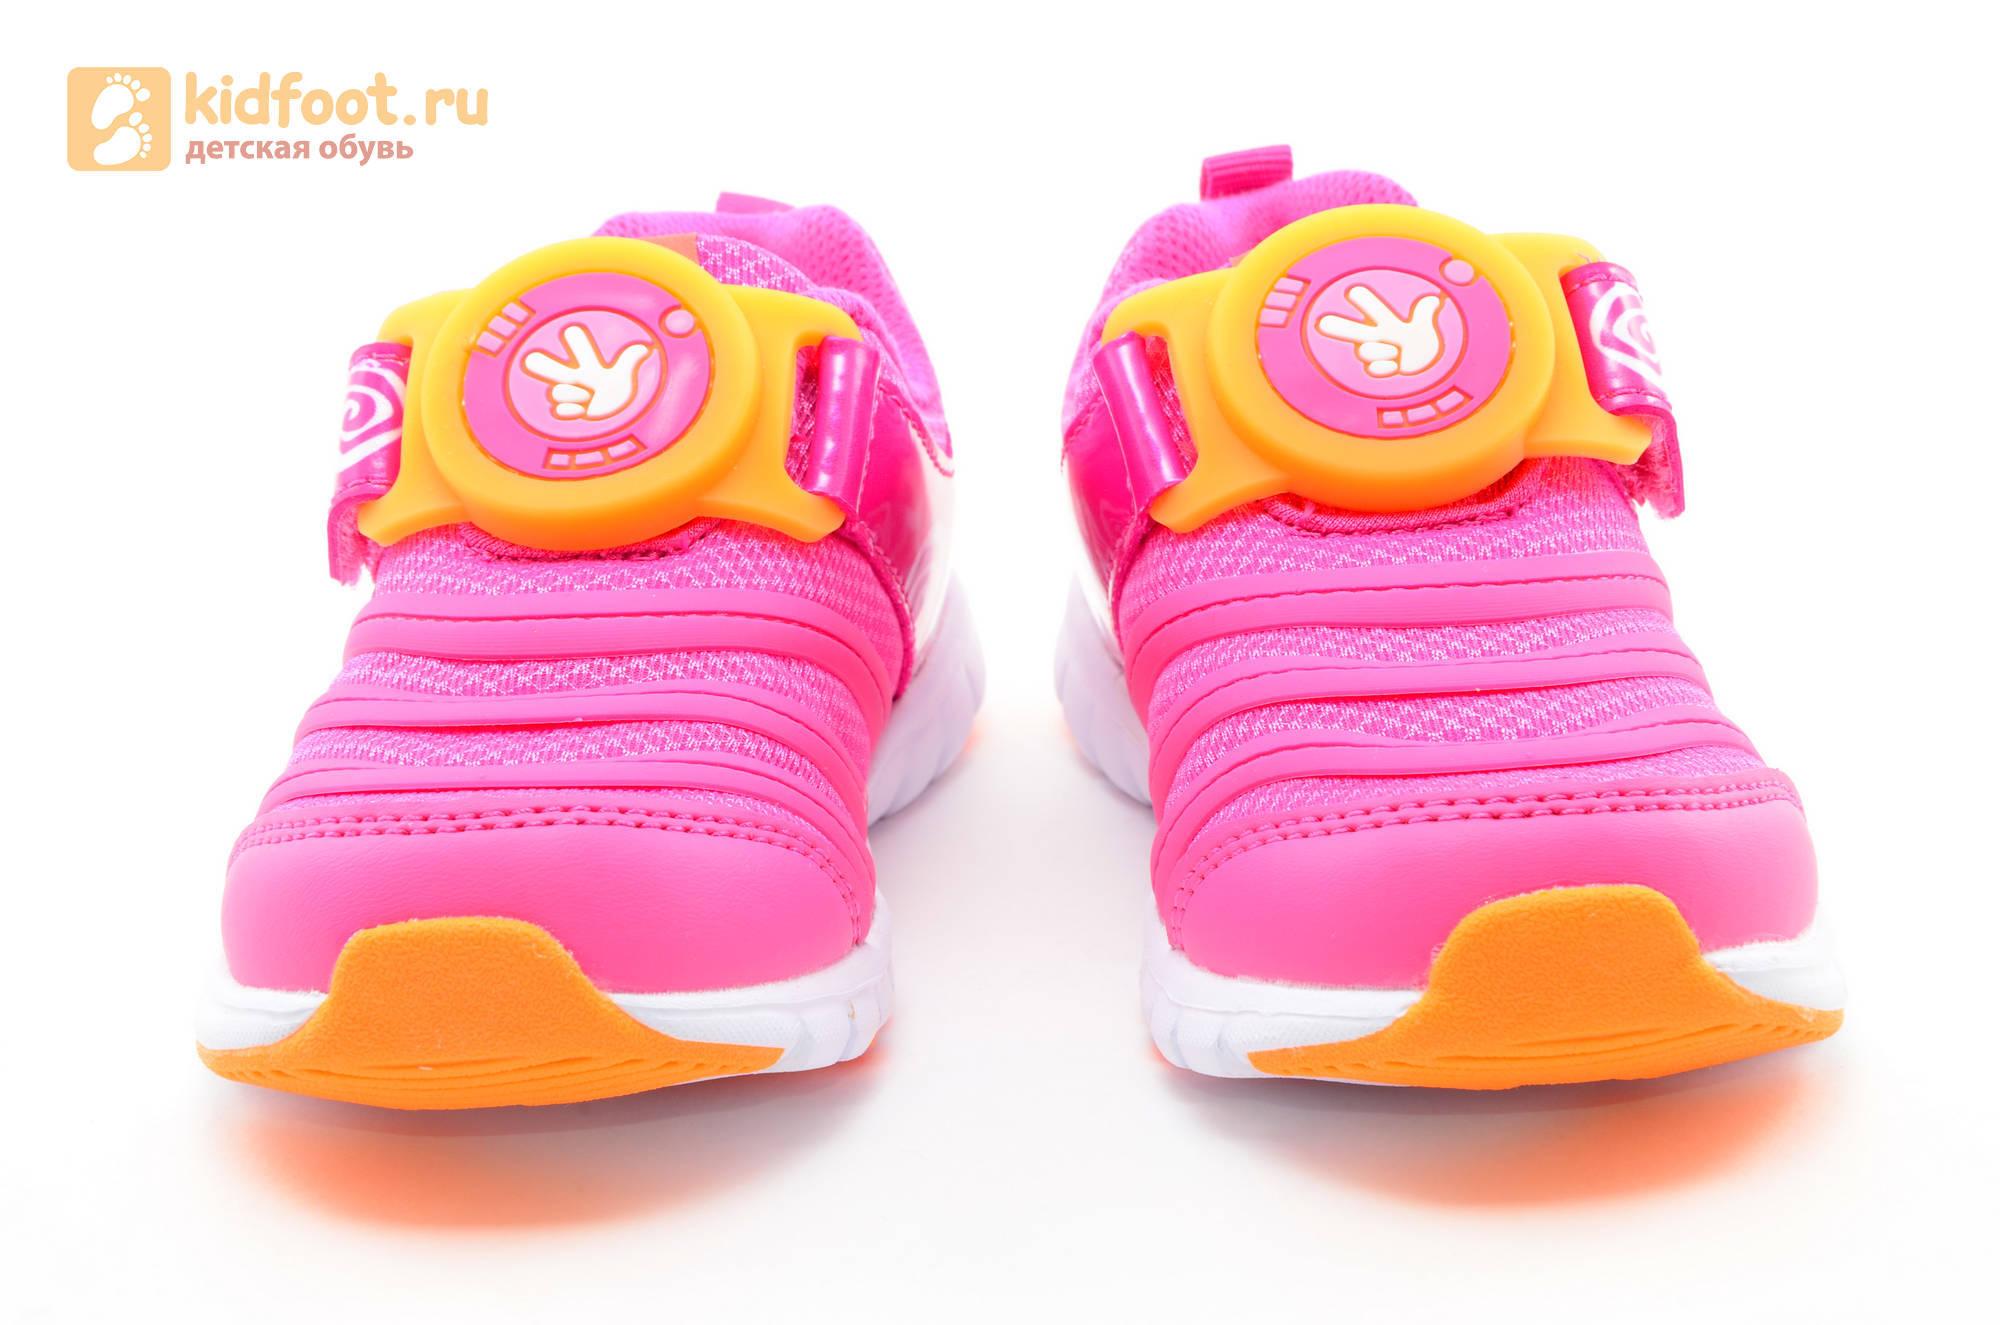 Светящиеся кроссовки для девочек Фиксики на липучках, цвет фуксия, мигает пряжка на липучке